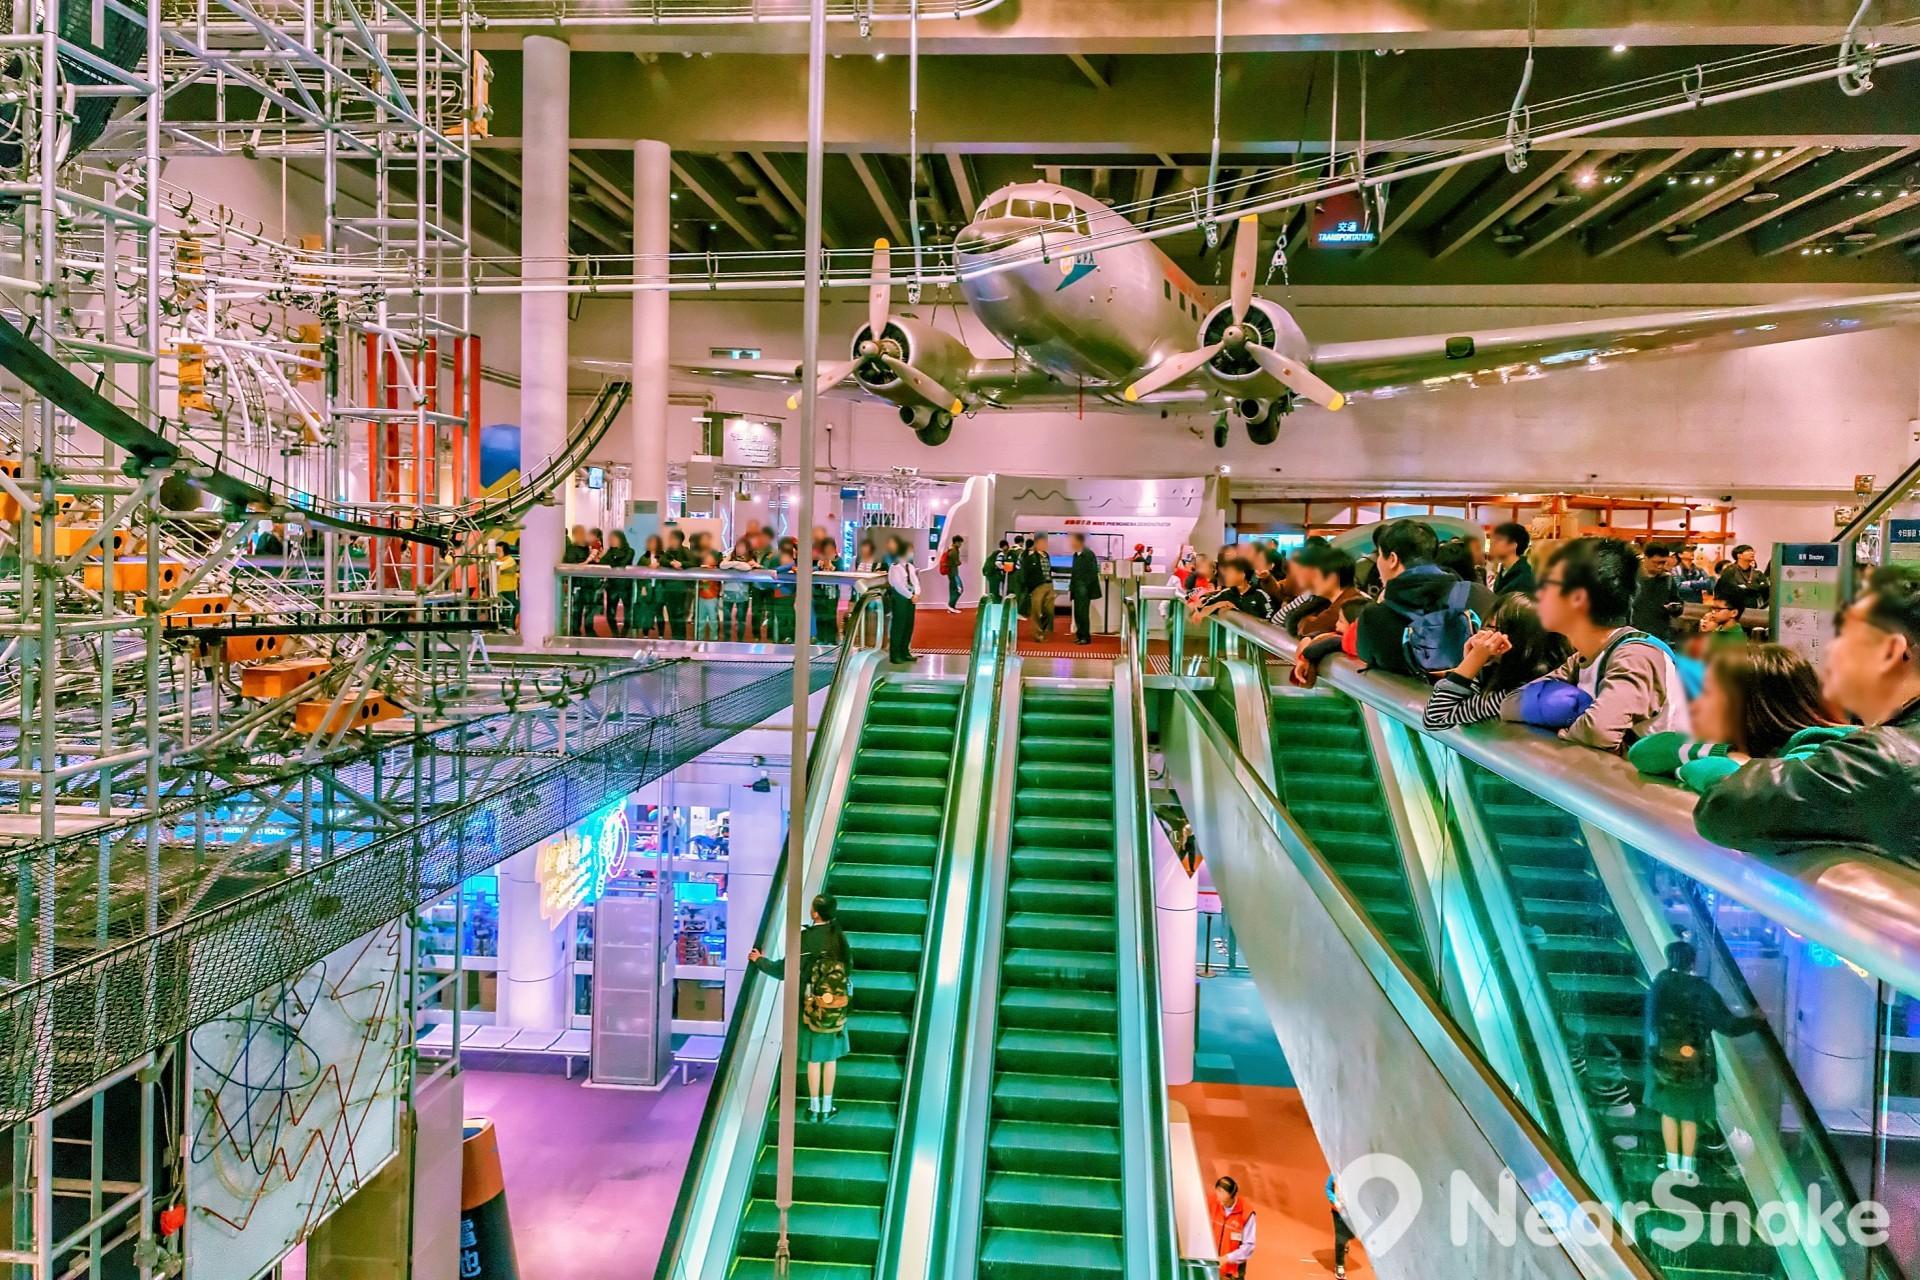 能量穿梭機裝設於香港科學館展覽廳的正中央位置,乃貫穿四層展覽場地的巨型展品。